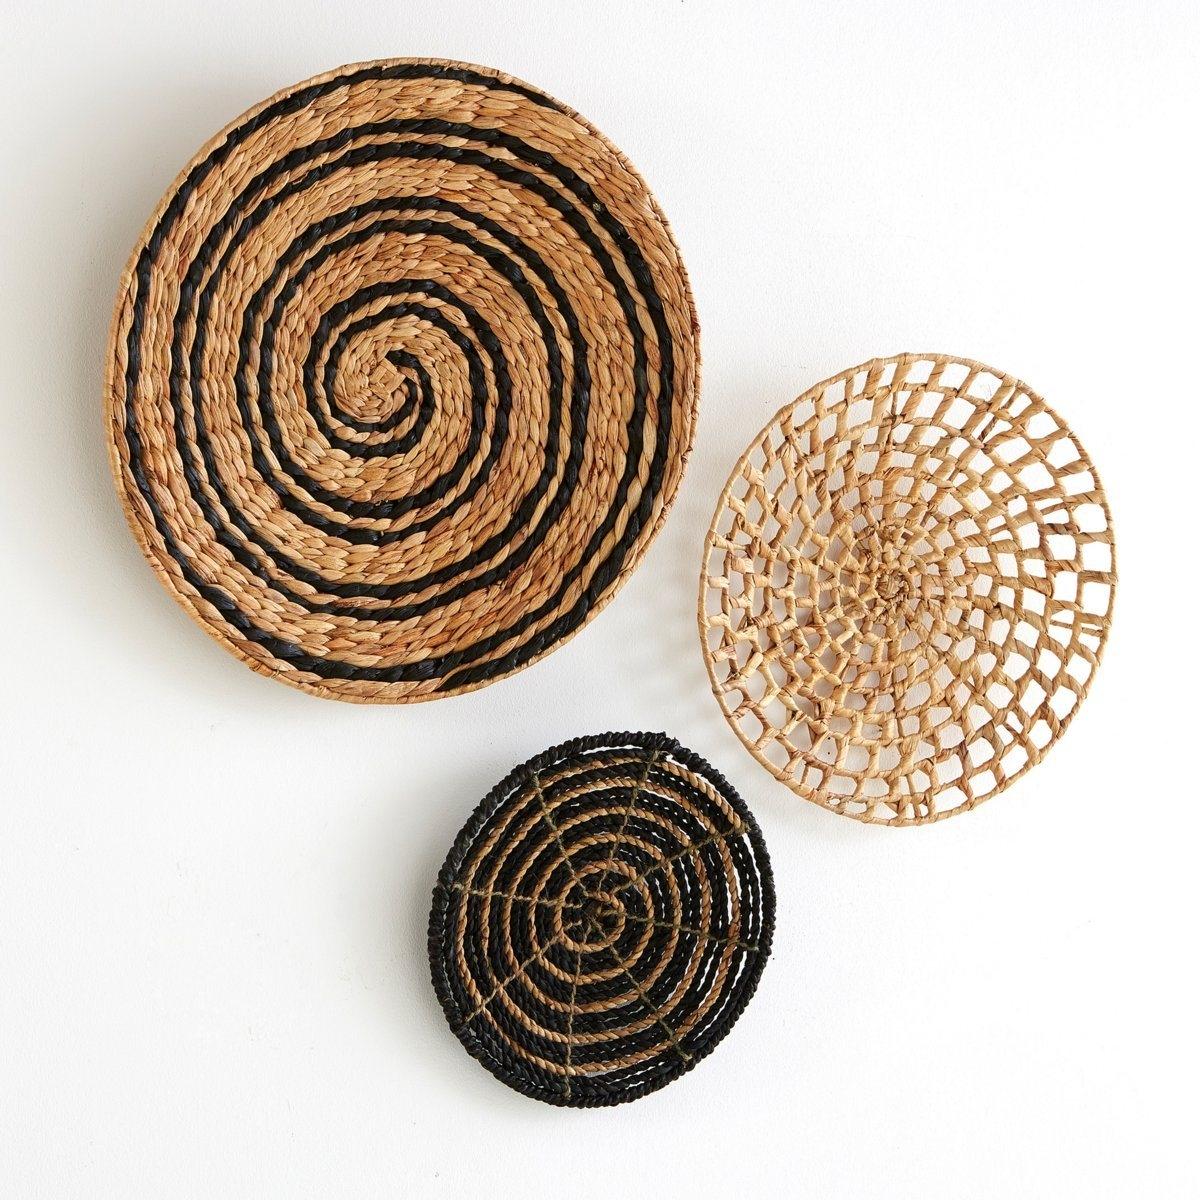 Настенное украшение, (комплект из 3 ), Aslalмодель Aslal:3 диска из водного гиацинта, вставляющиеся один в другой,спиральный мотив.Характеристики :Водный гиацинт, неокрашенный или цветной .Вся коллекция  Aslal на сайте .Размеры :Общие :Ажурный диск натурального цвета  : ? 40 см Диск-спираль черного цвета на натуральном фоне : 50 см: 30 см<br><br>Цвет: экрю/ черный